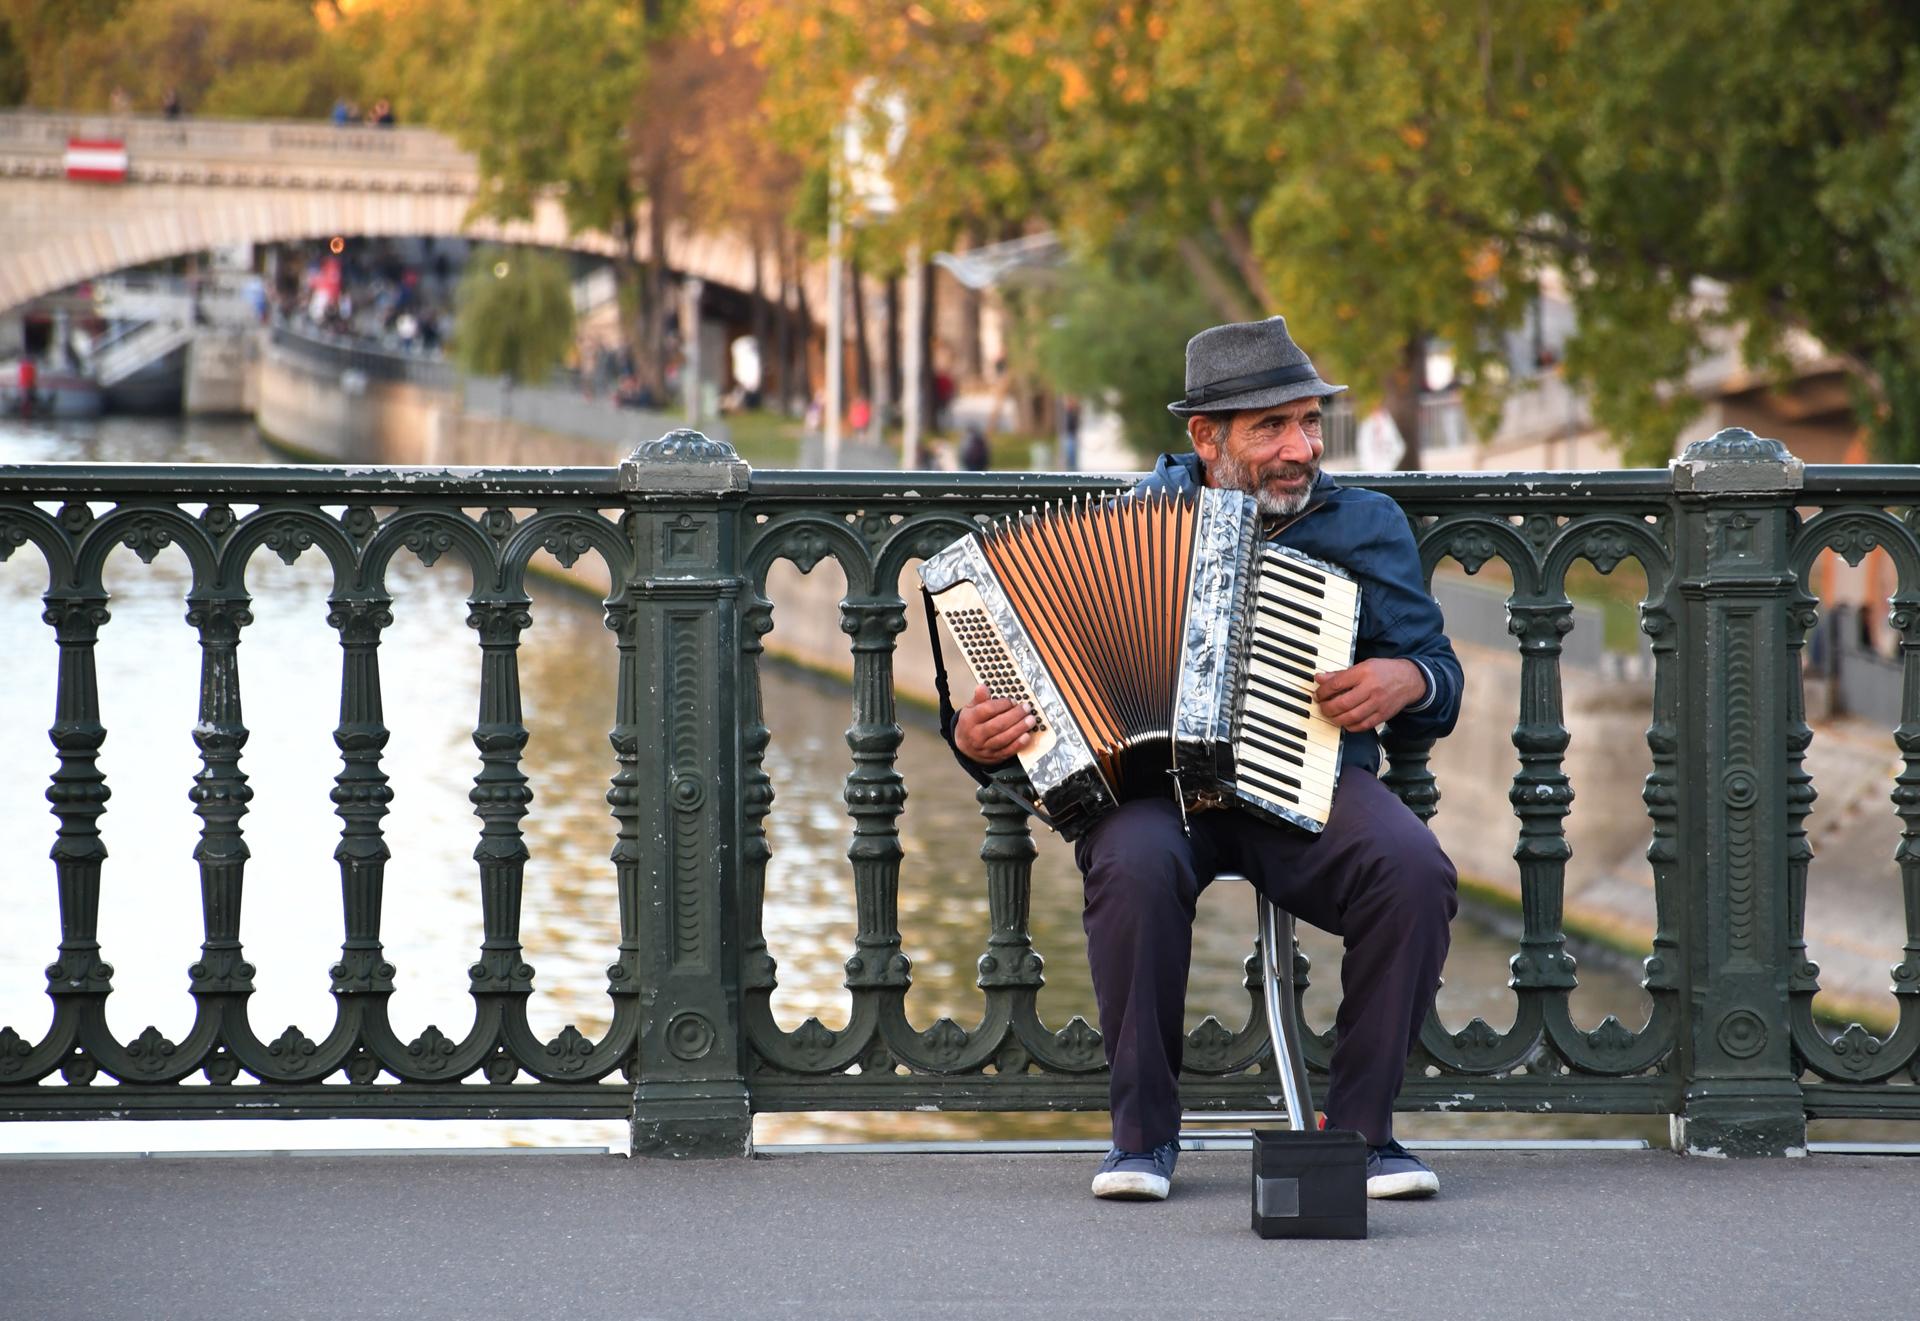 תחת שמי פריז - paris - יואל שתרוג - אדמה יוצרת - yoel sitruk